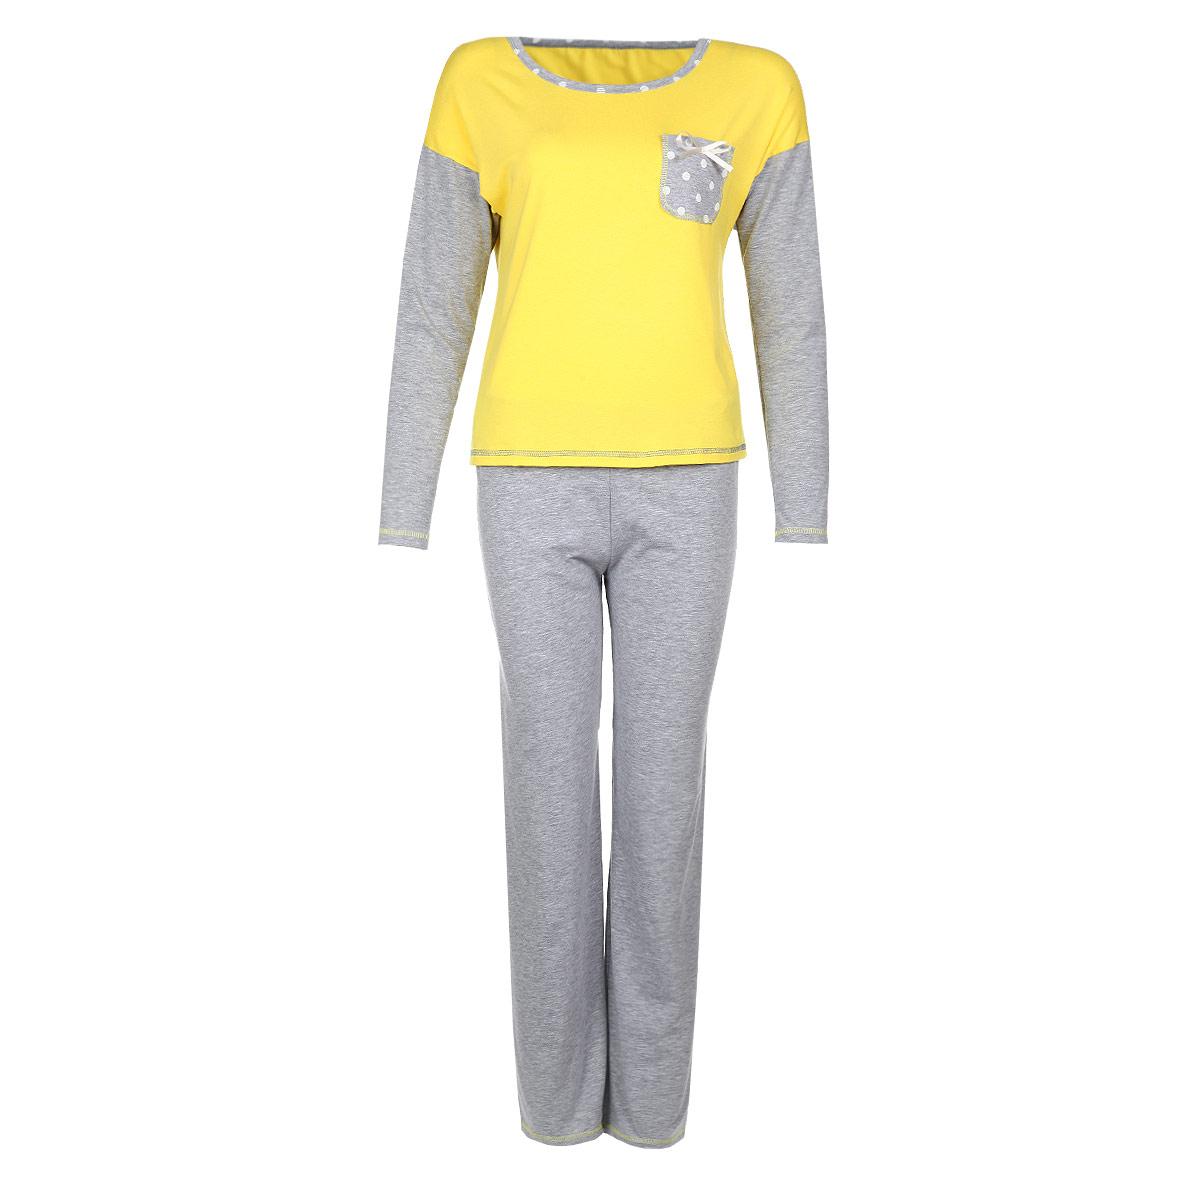 Комплект женский: лонгслив, брюки. 4040Женский комплект для дома Milana Style состоит из лонгслива и брюк. Комплект изготовлен из приятного на ощупь хлопкового материала. Лонгслив и брюки не сковывают движения и позволяют коже дышать. Лонгслив свободного кроя, с круглым вырезом горловины и длинными рукавами оформлен нагрудным кармашком с атласным бантиком. Прямые свободные брюки на широкой эластичной резинке - удобная и практичная вещь в гардеробе. Идеальные конструкции и приятное цветовое решение - отличный выбор на каждый день. В таком комплекте вам будет максимально комфортно и уютно.